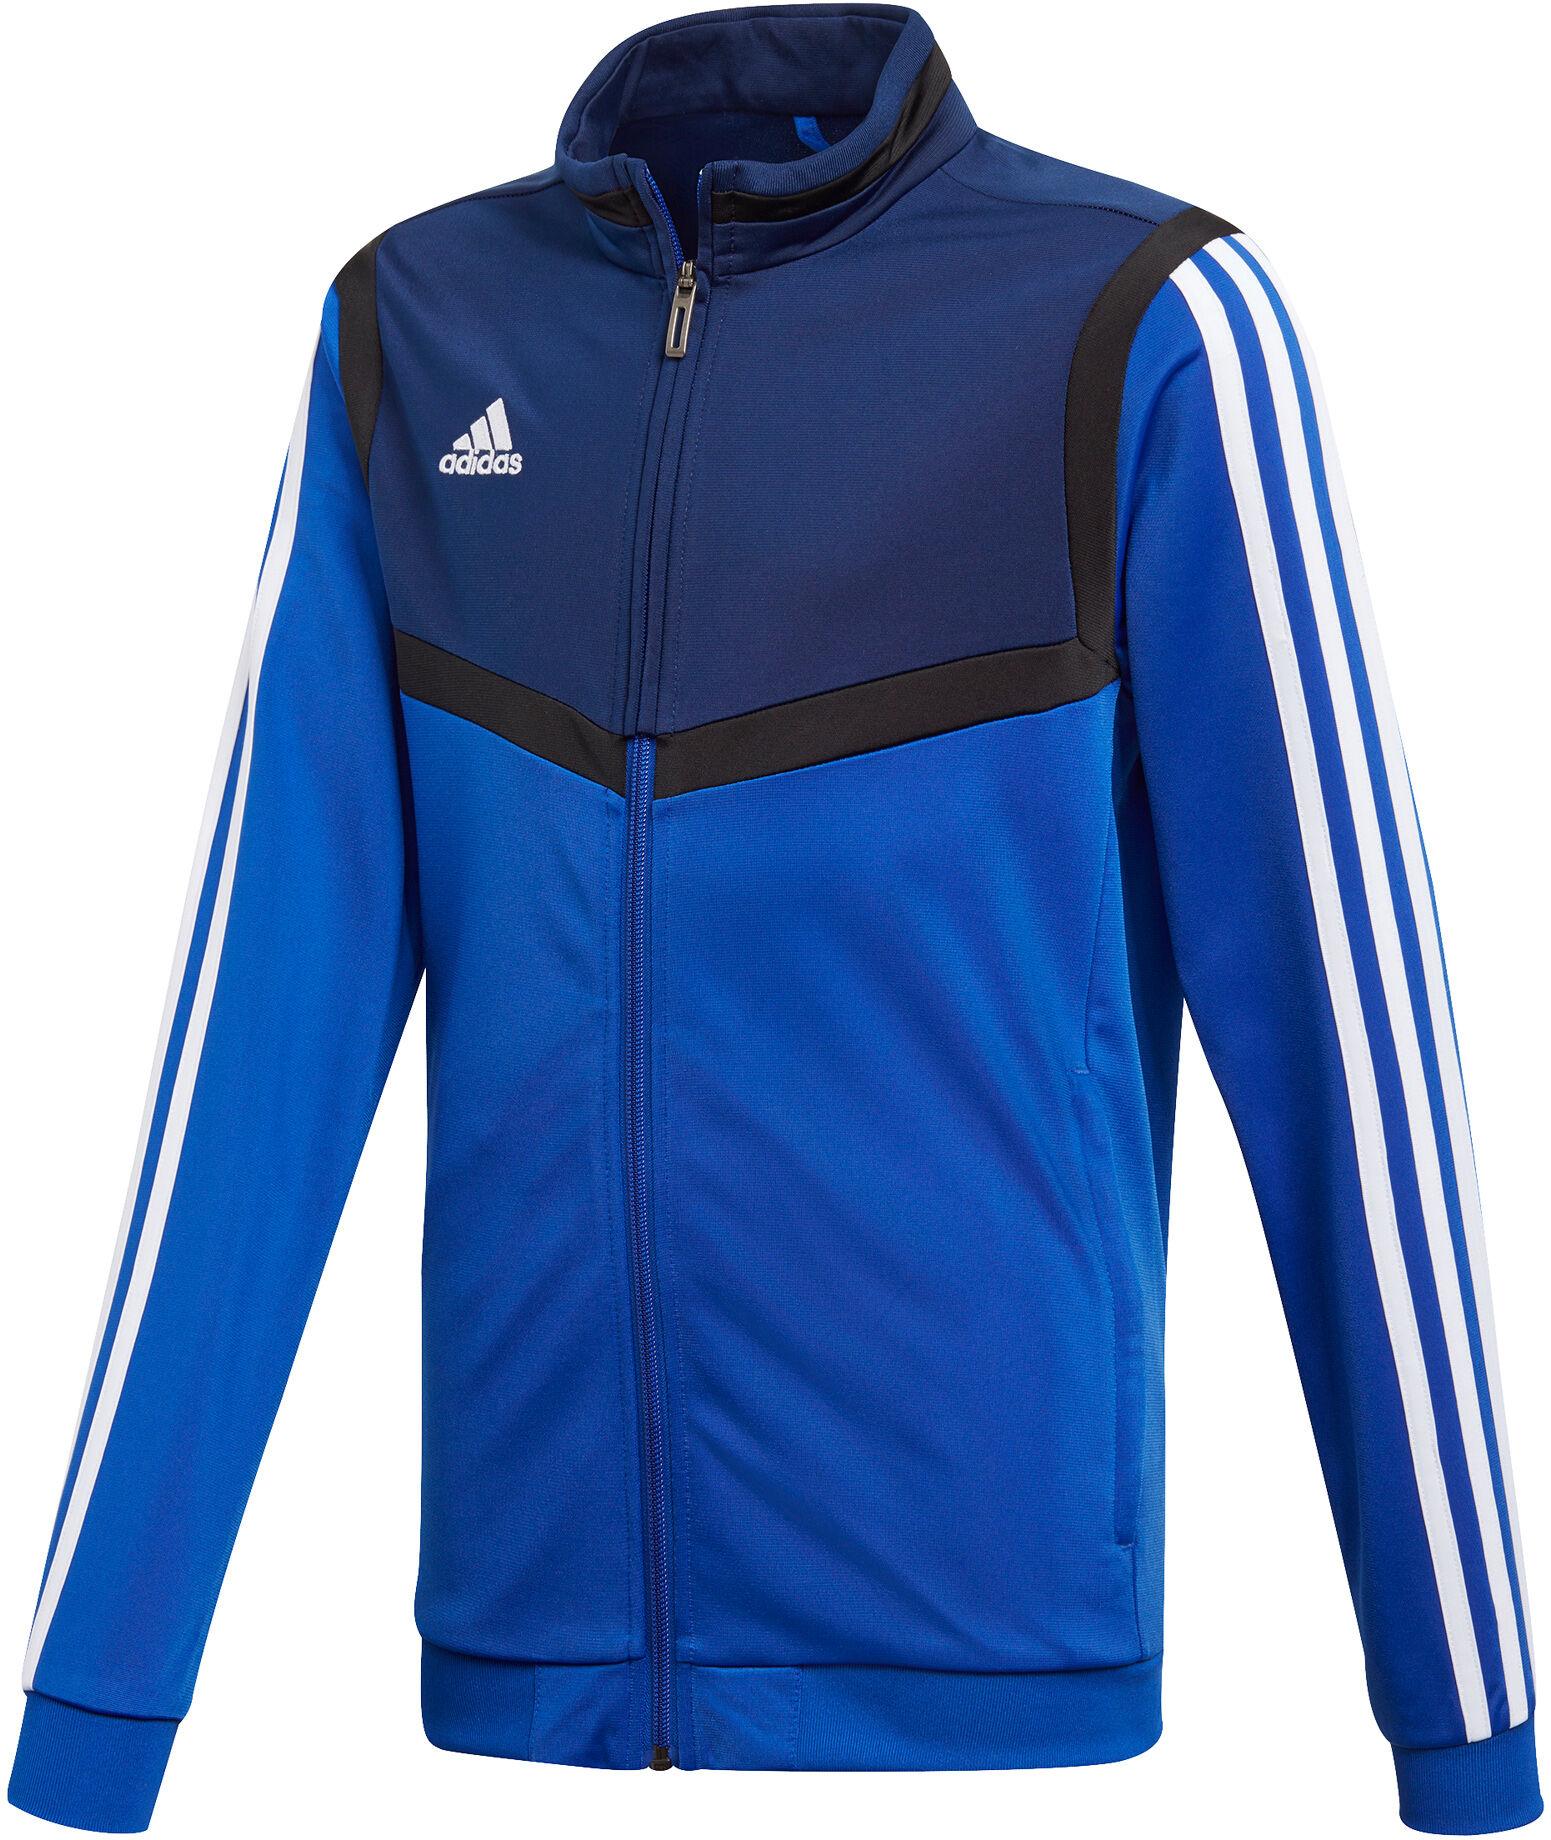 adidas Fußball Jacken günstig kaufen | eBay